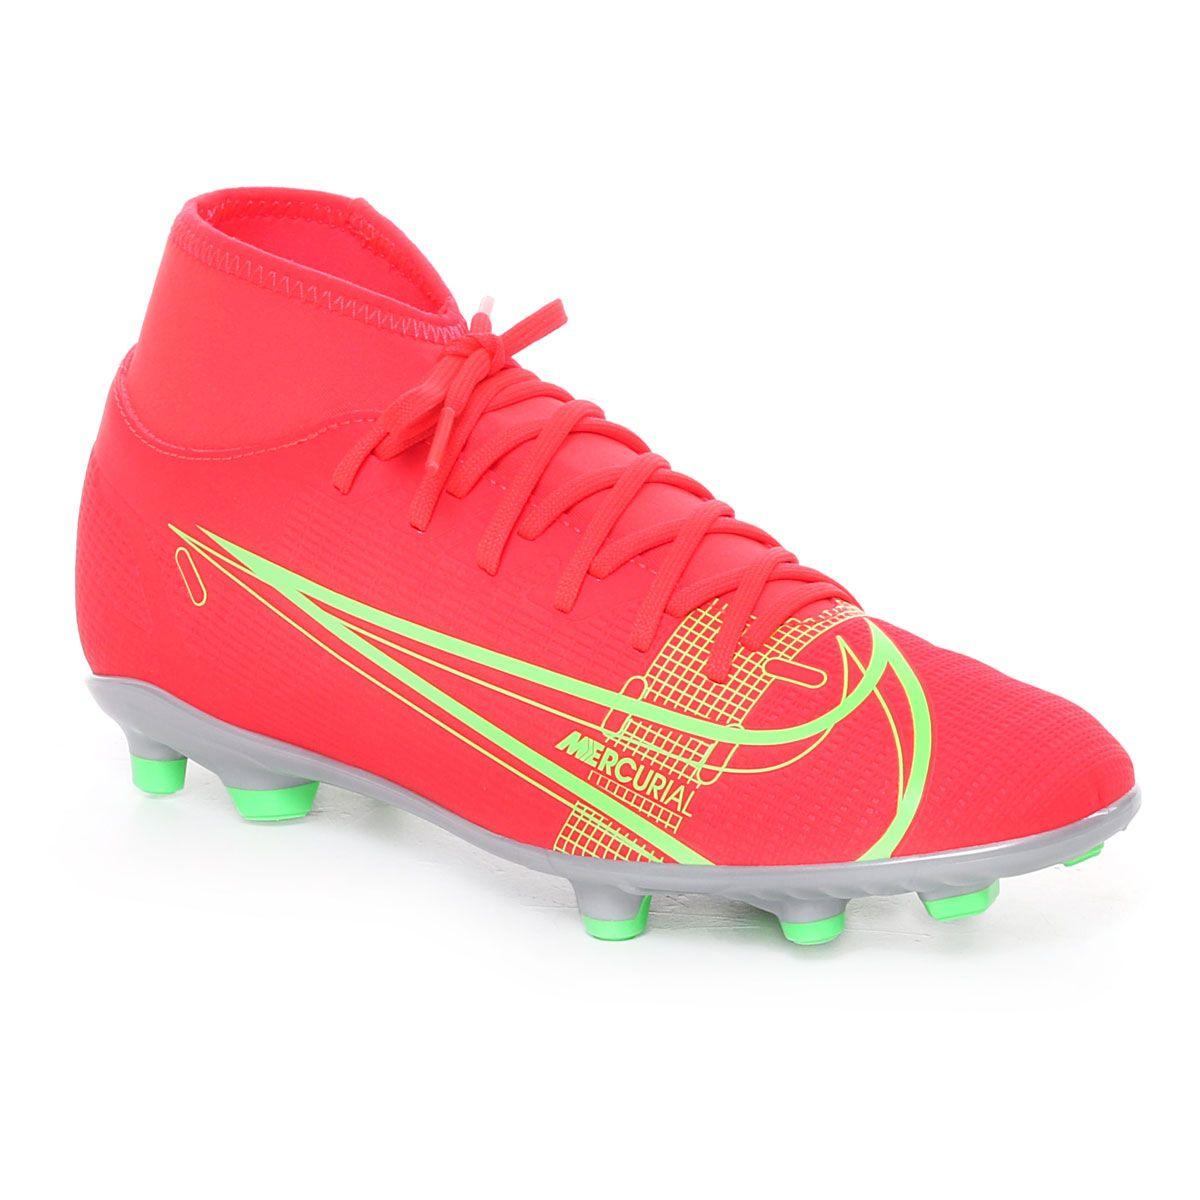 Nike Mercurial Superfly 8 Club Mg Uomo Arancione Lime